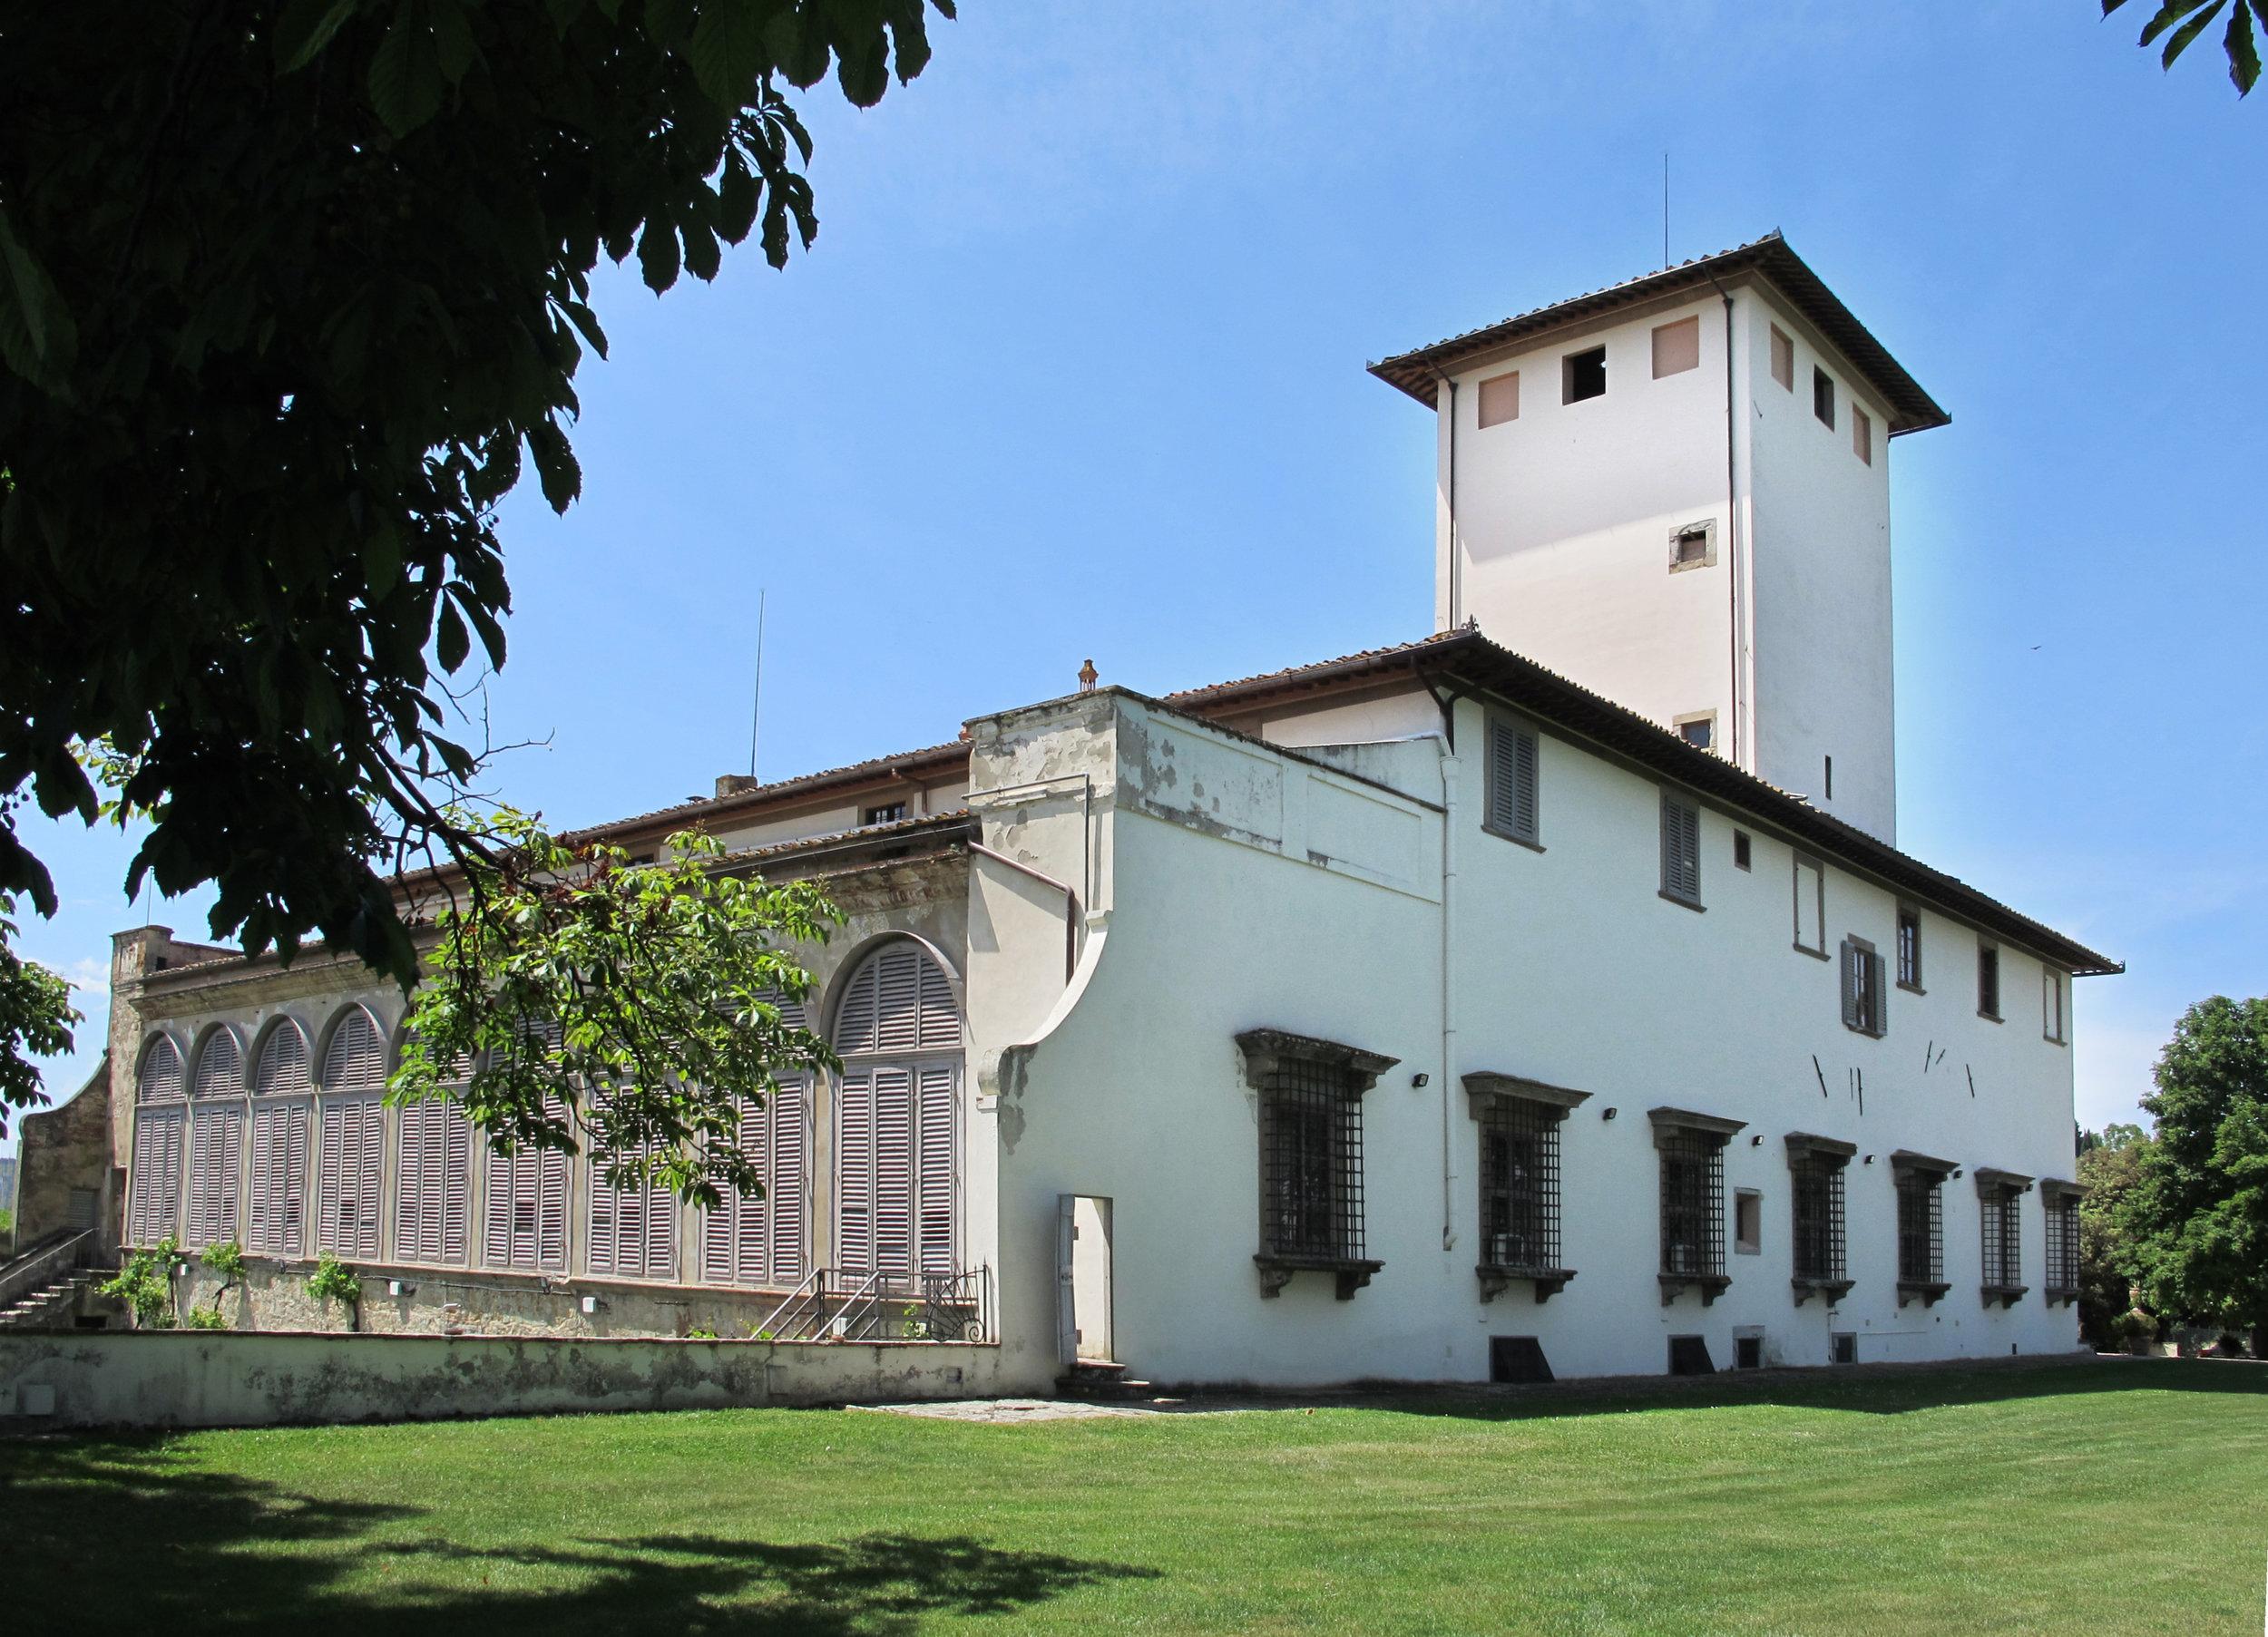 Villa_corsini_di_mezzomonte,_06.JPG